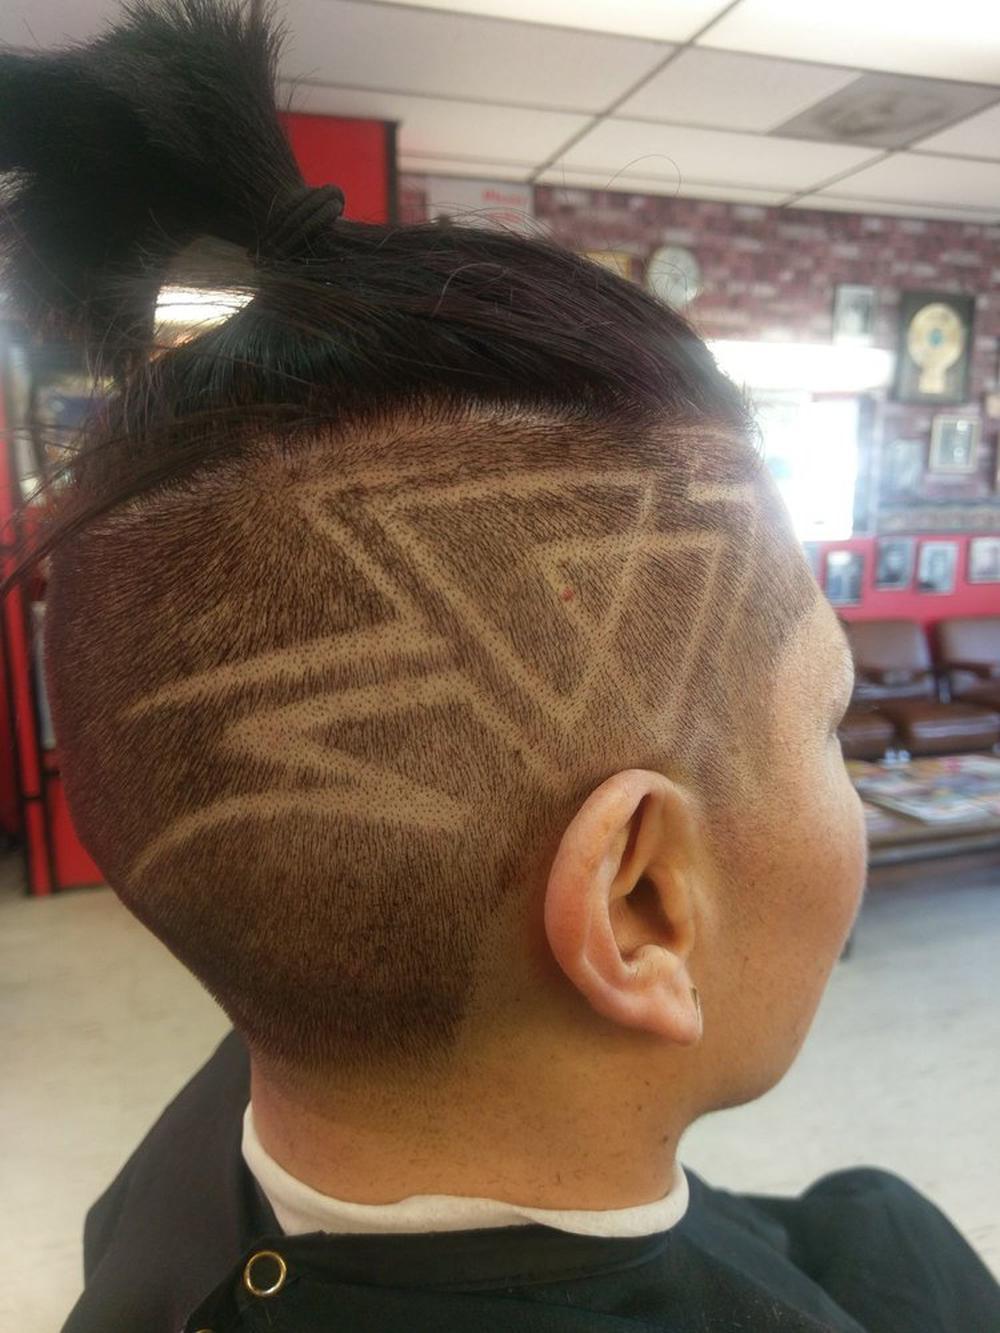 The Hair Razor aka The Barber Shop